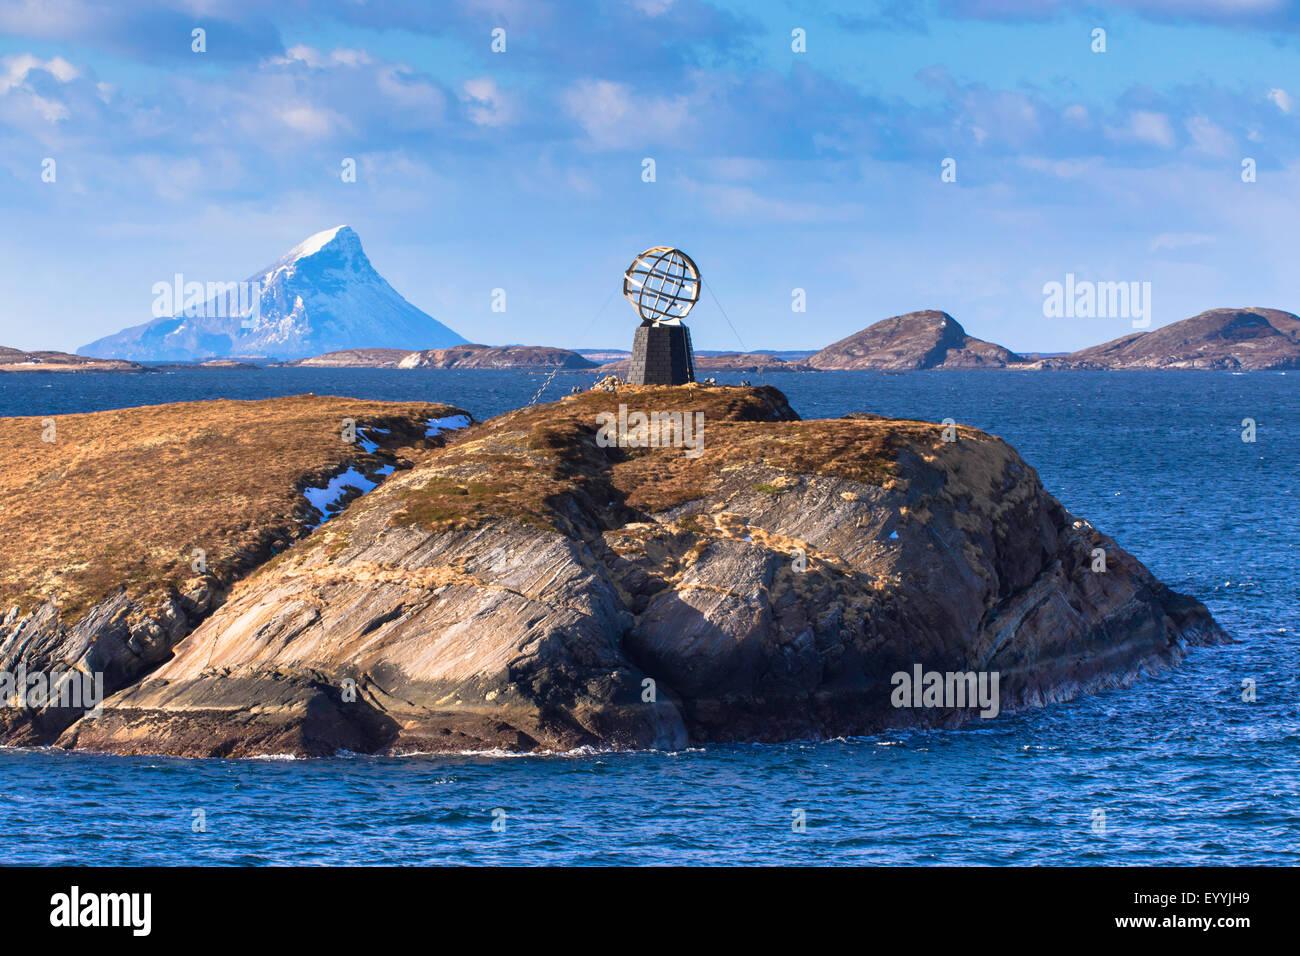 Isola Vikingen al circolo polare, Norvegia, Nordland, Melfjorden Immagini Stock